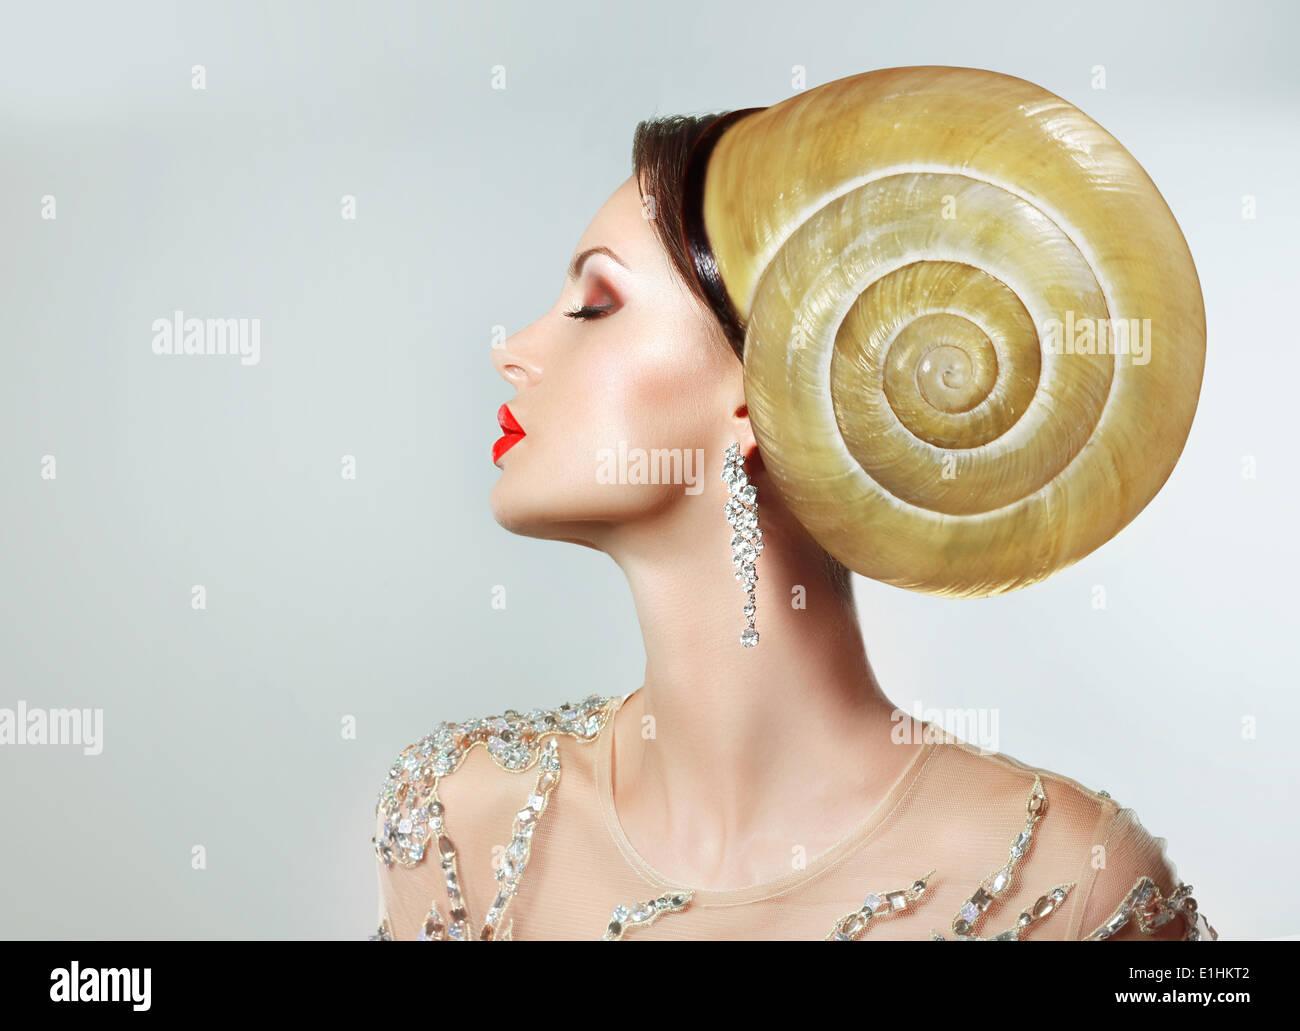 Extravagance. Coiffure extrême bizarres. Femme étrange escargot avec comme Coiffure Photo Stock